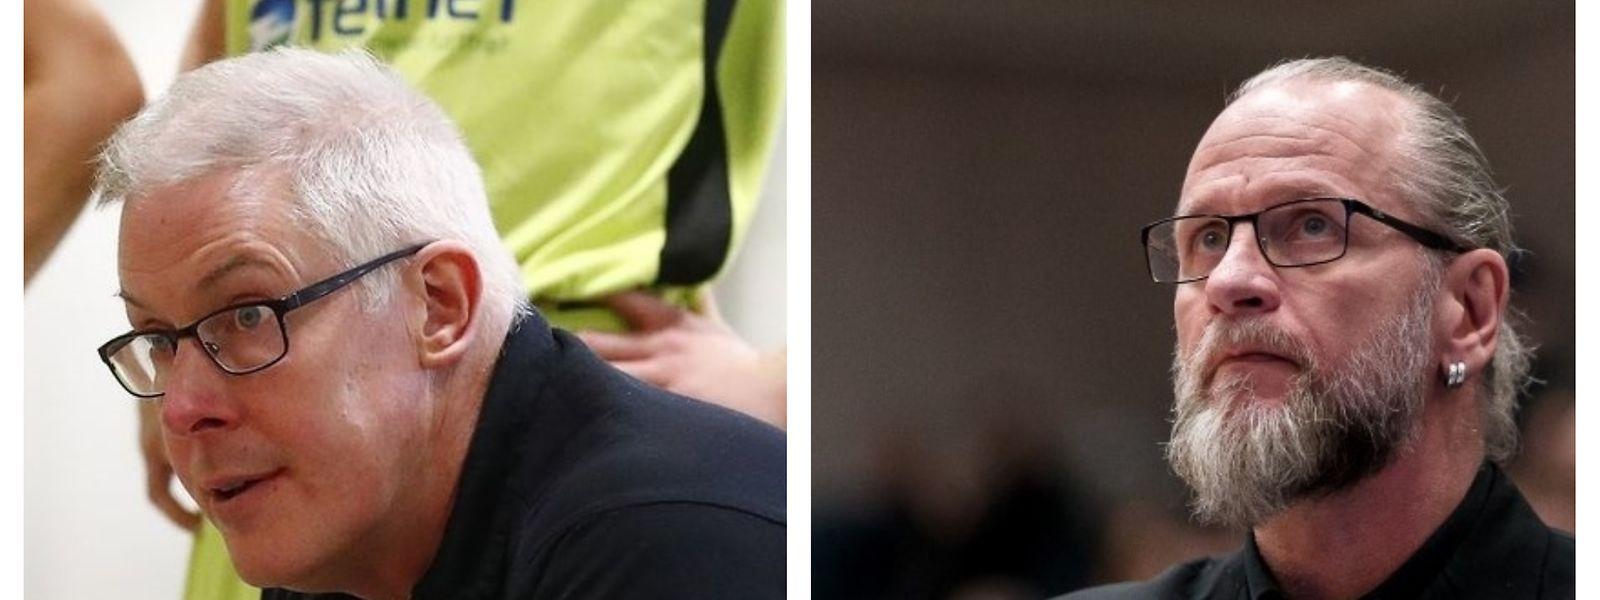 John Dieckelman und Torbjörn Gehrke sind nächste Saison in der Total League aktiv.